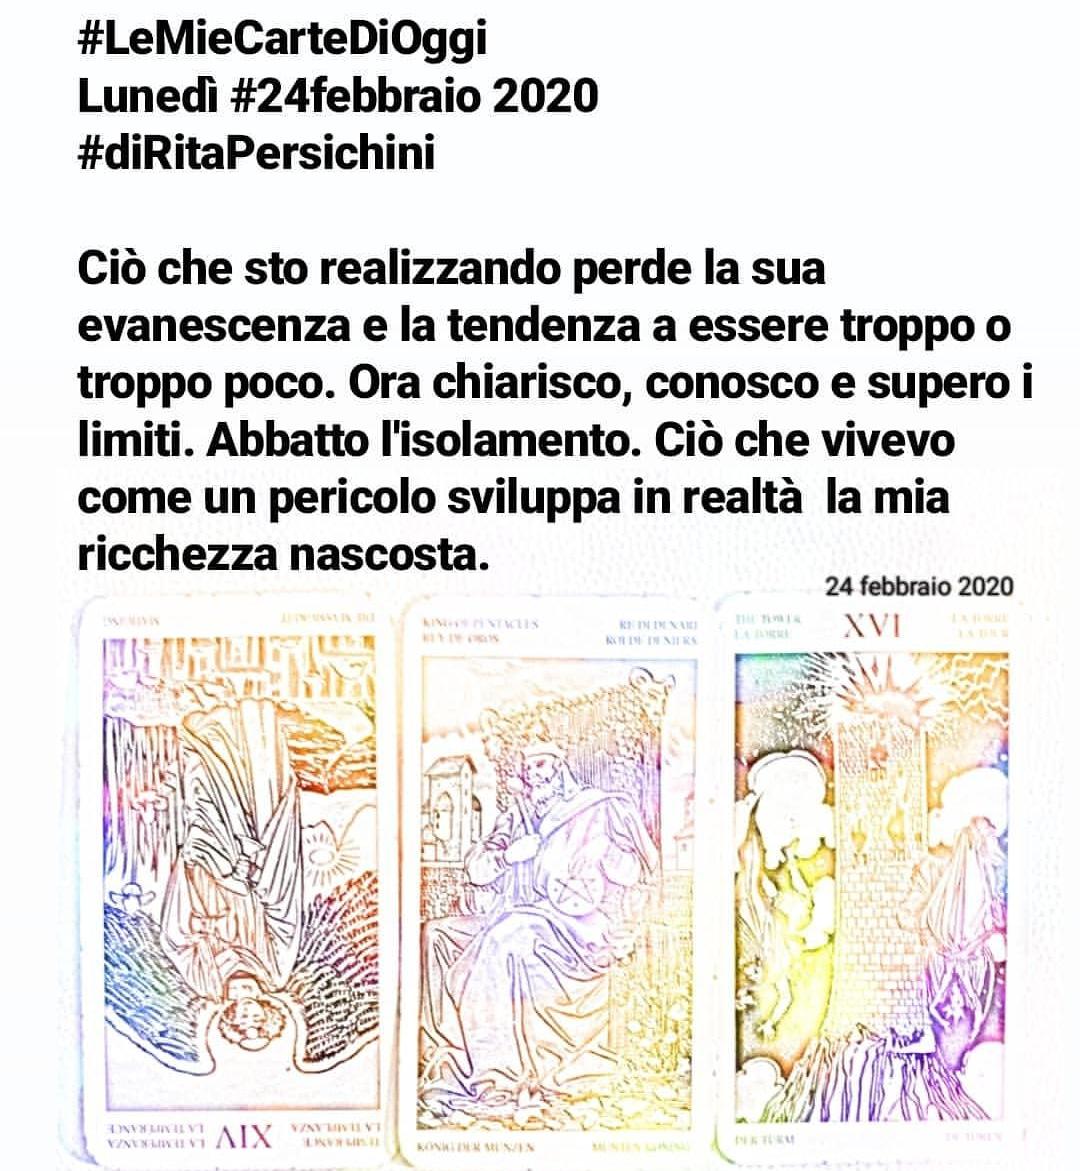 #24febbraio